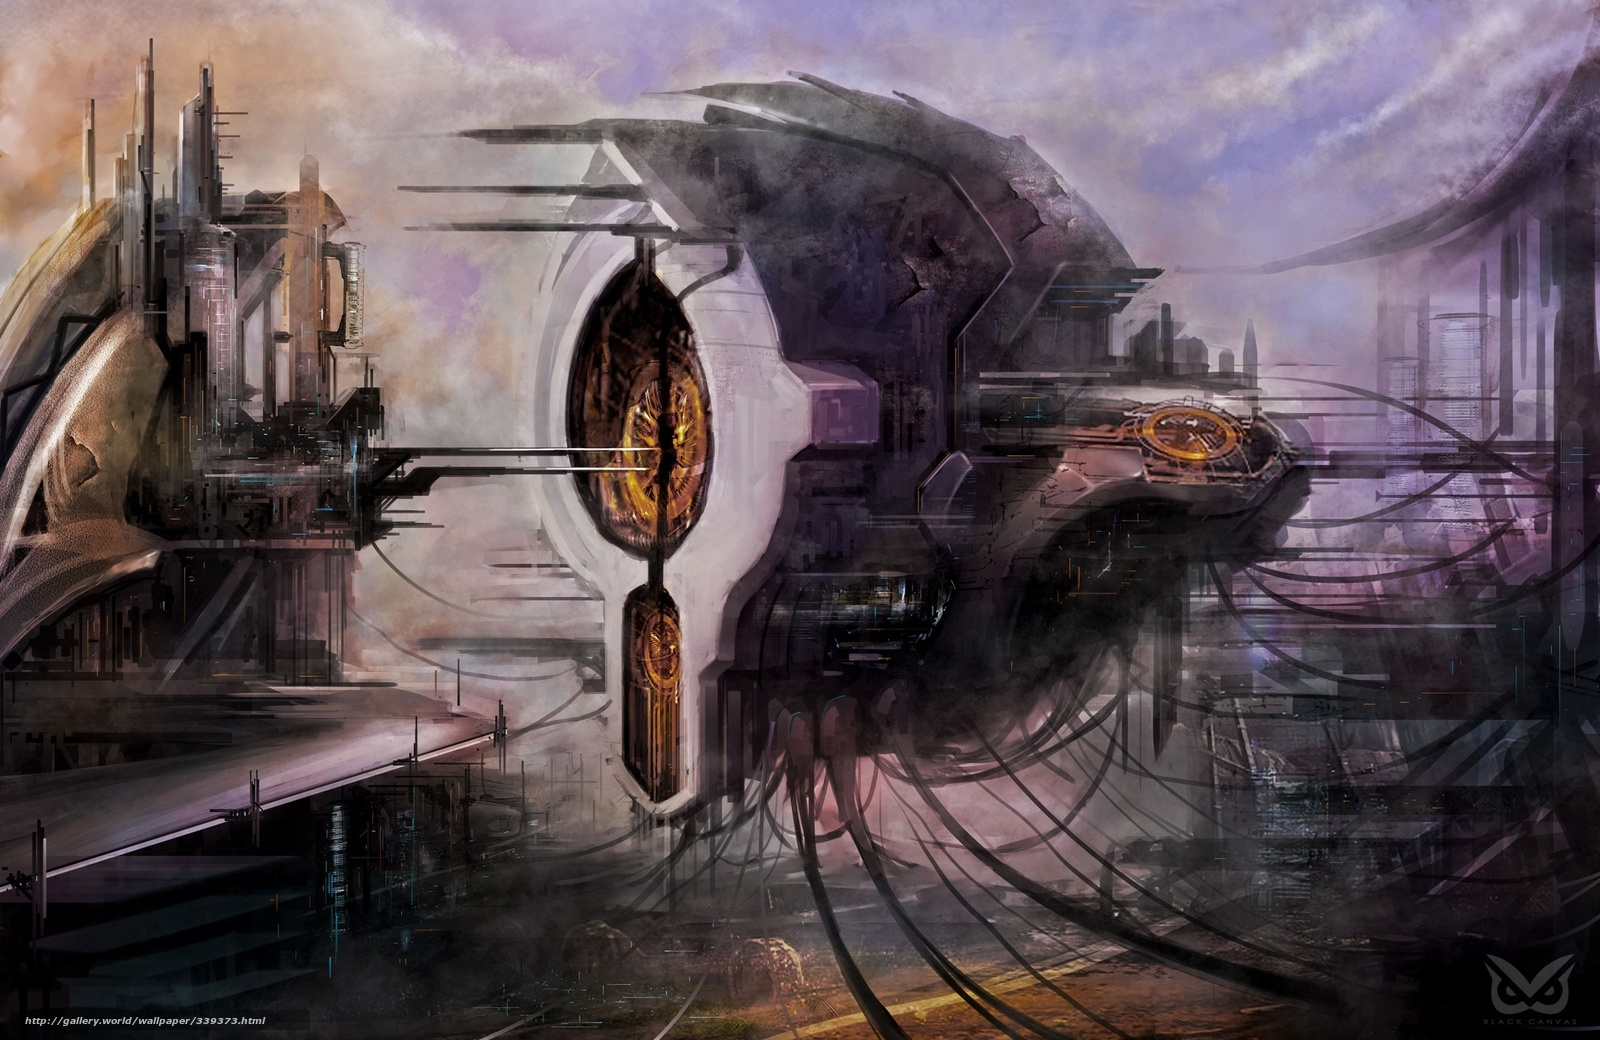 壁紙をダウンロード 芸術 ファンタジー 宇宙船 デスクトップの解像度のための無料壁紙 2560x1664 絵